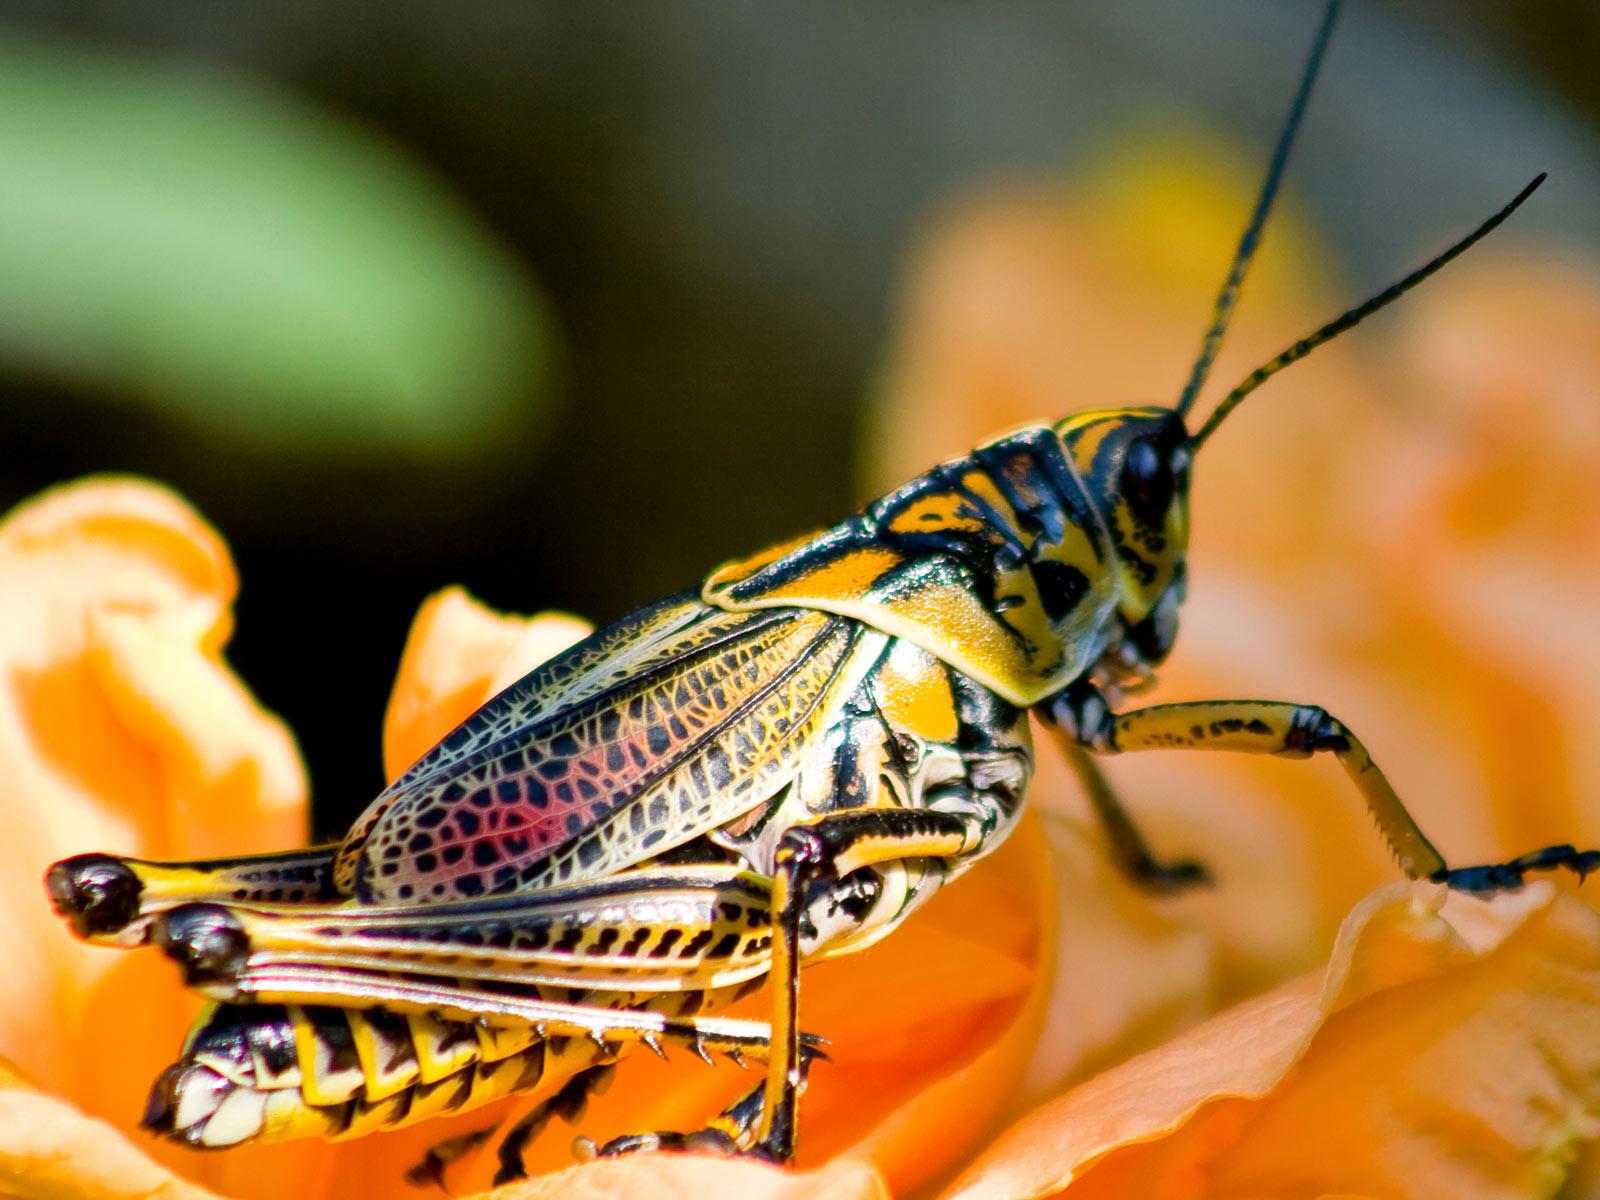 动物世界-昆虫集锦04(1600x1200)壁纸 - 桌面壁纸